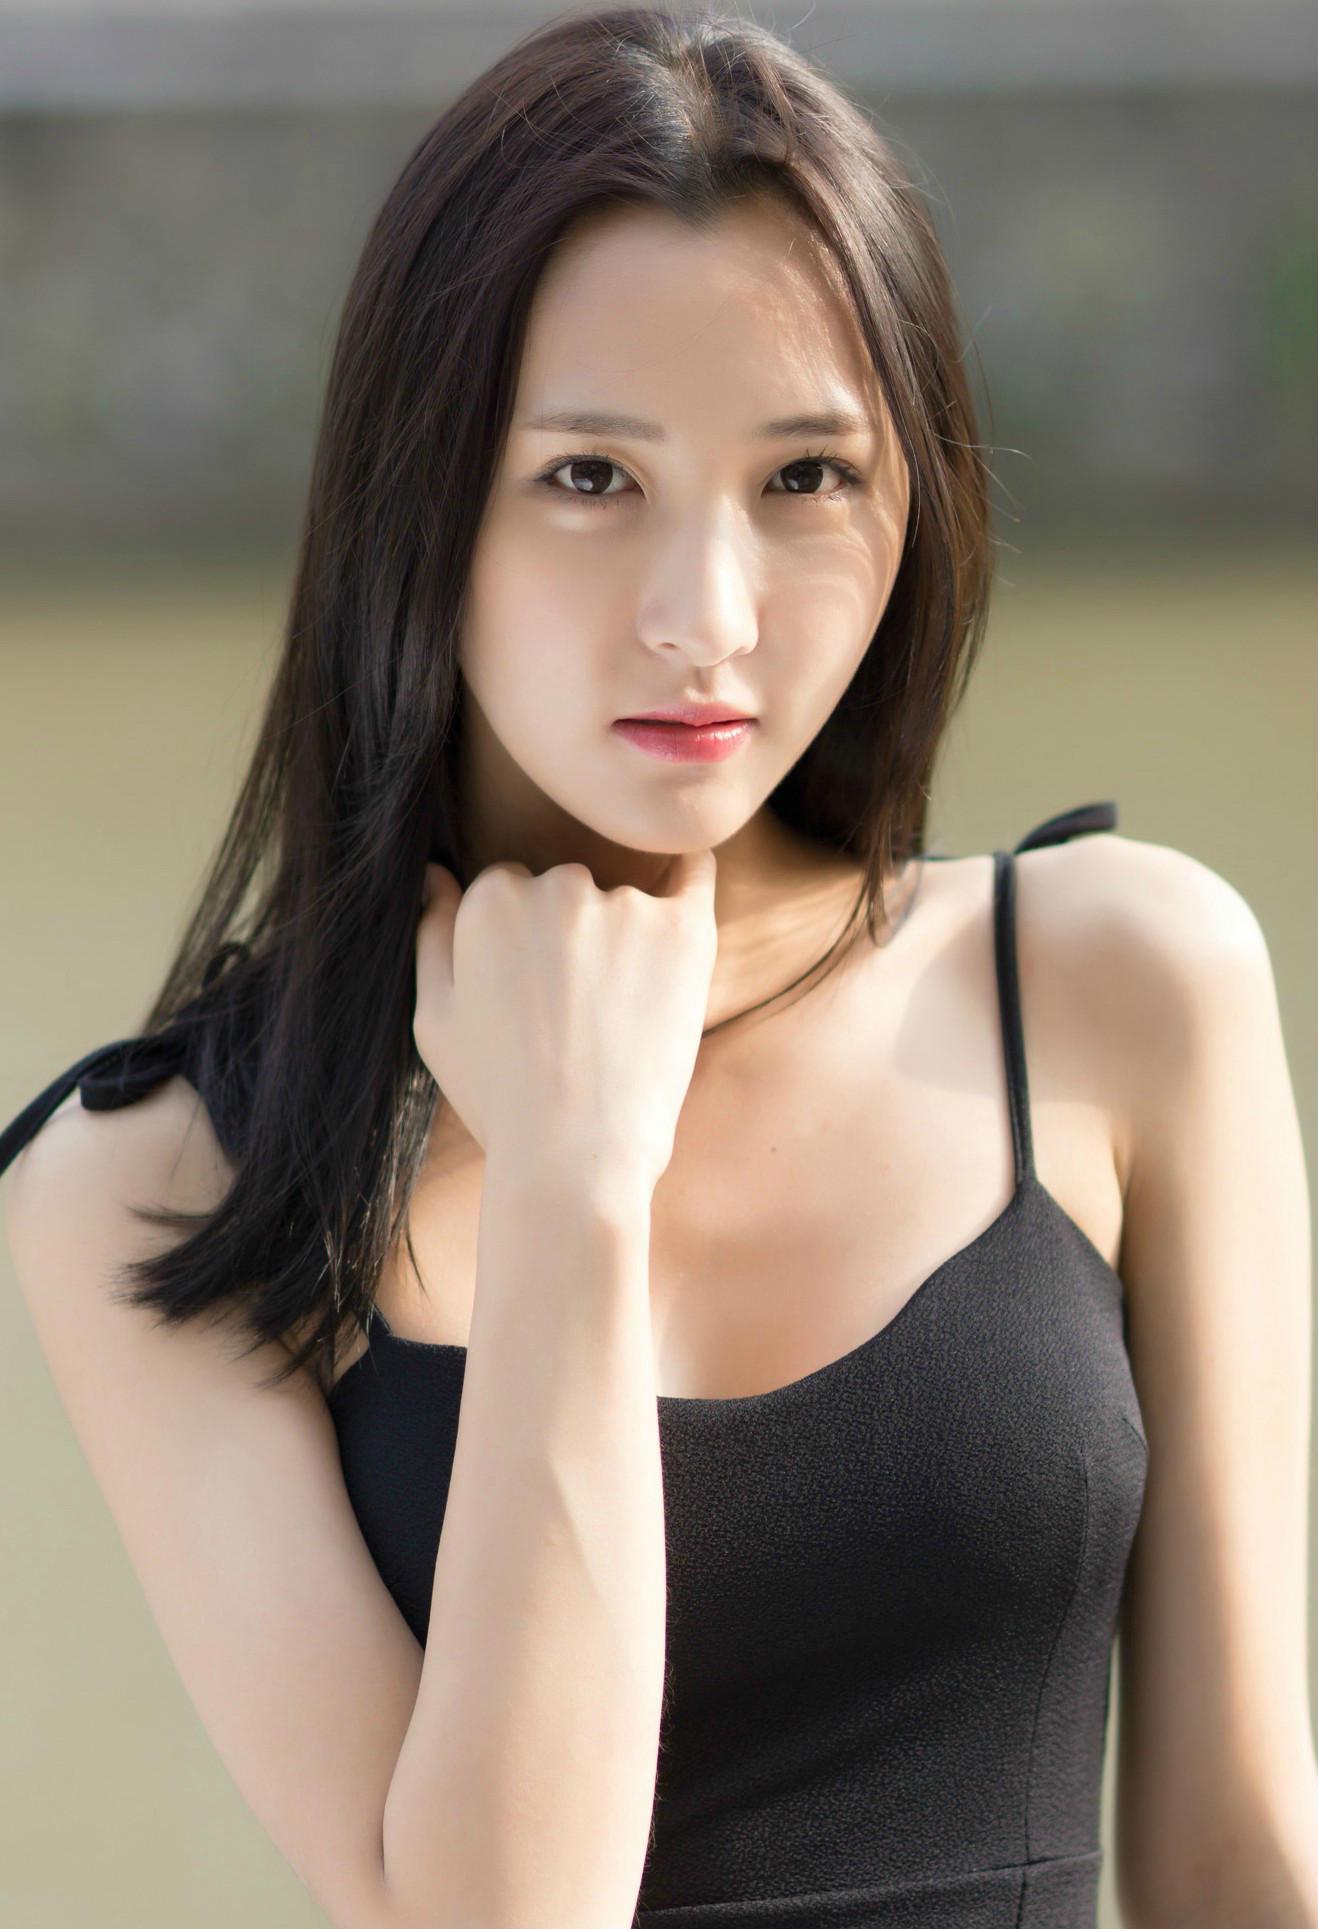 百度空间 【268】清纯黑衣小美女